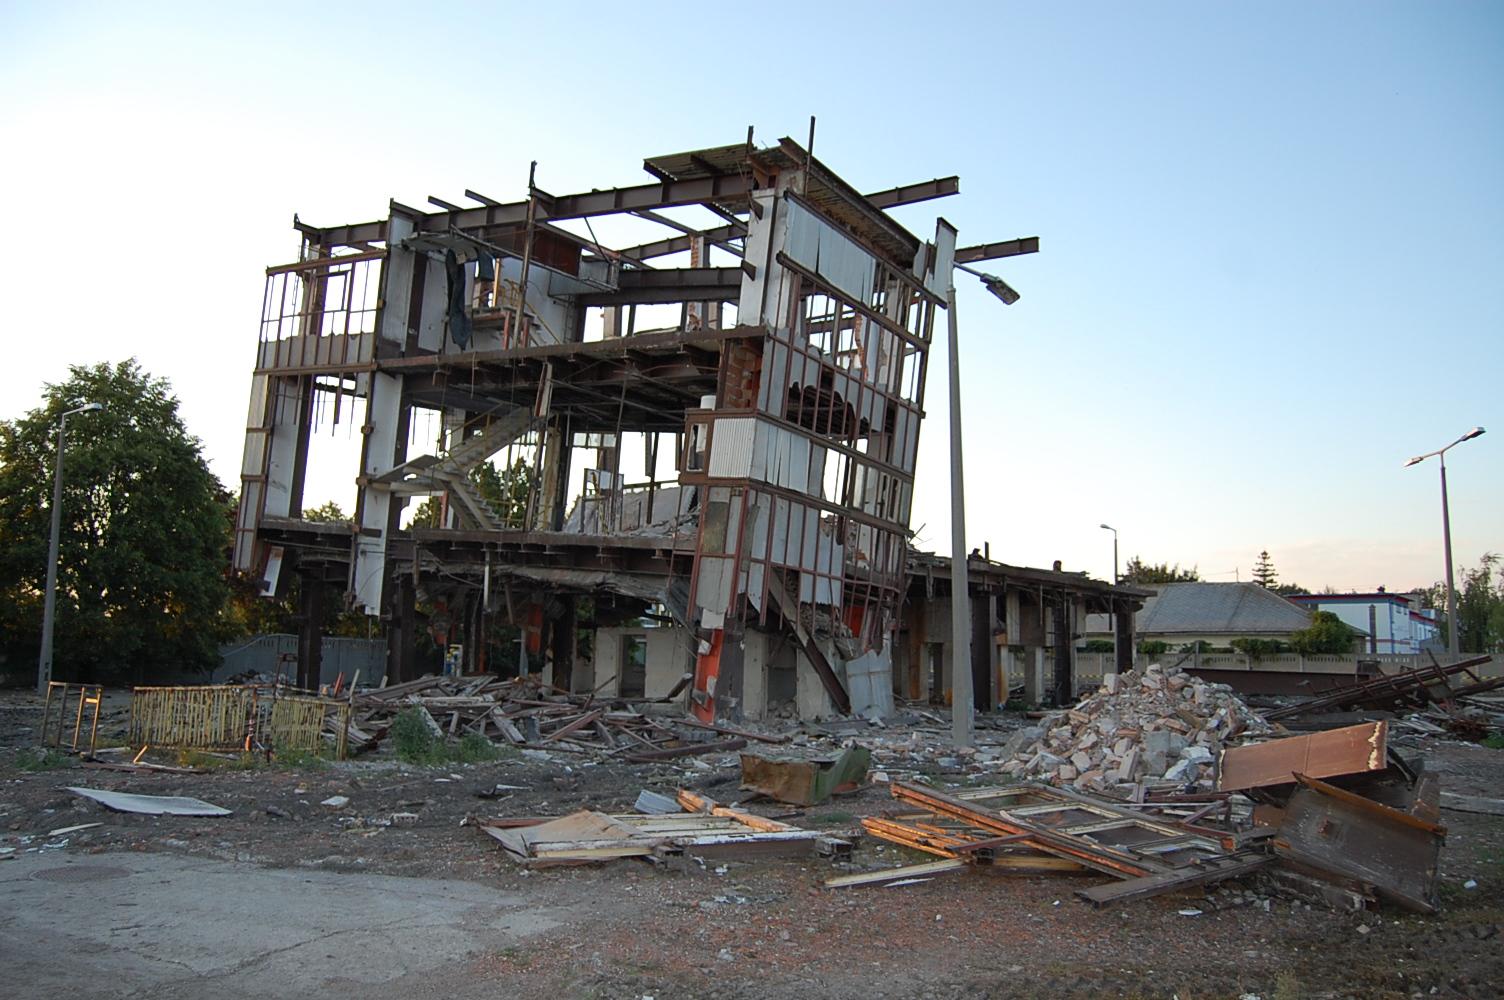 Azért omlott rá az épület egy emberre, mert az építésvezető daru helyett szakképzetlen segédmunkásokat küldött a romos épületre